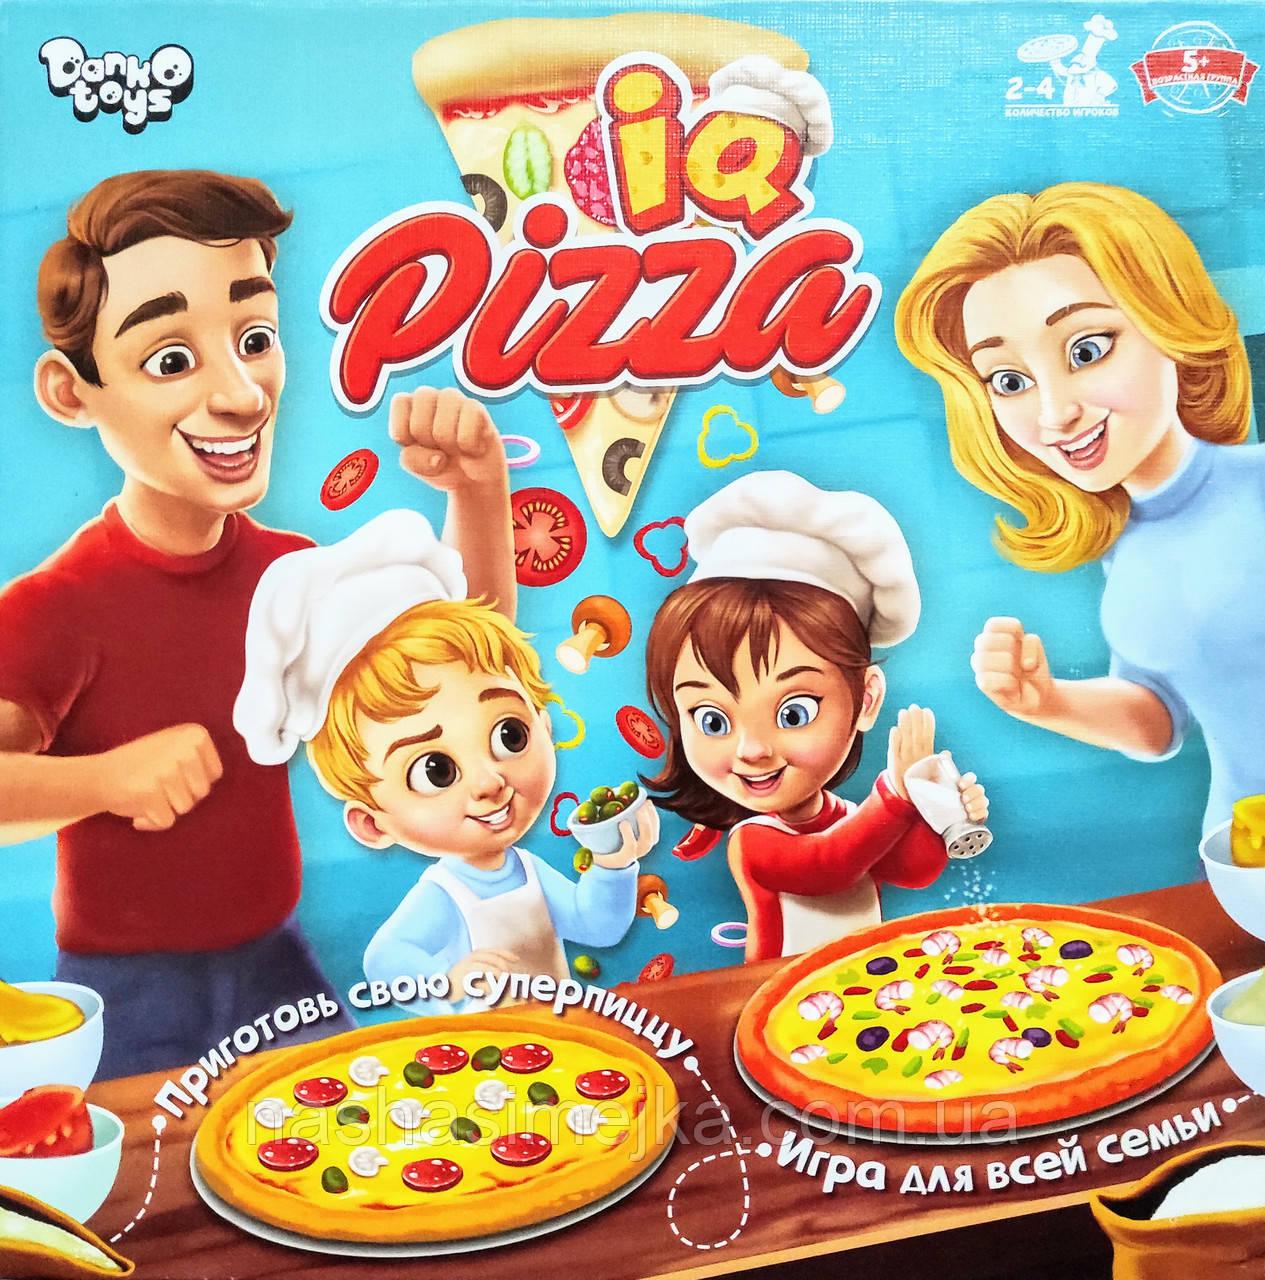 Настільна гра для всієї родини IQ Pizza 5+ (для 2-4 гравців) (Danko Toys)